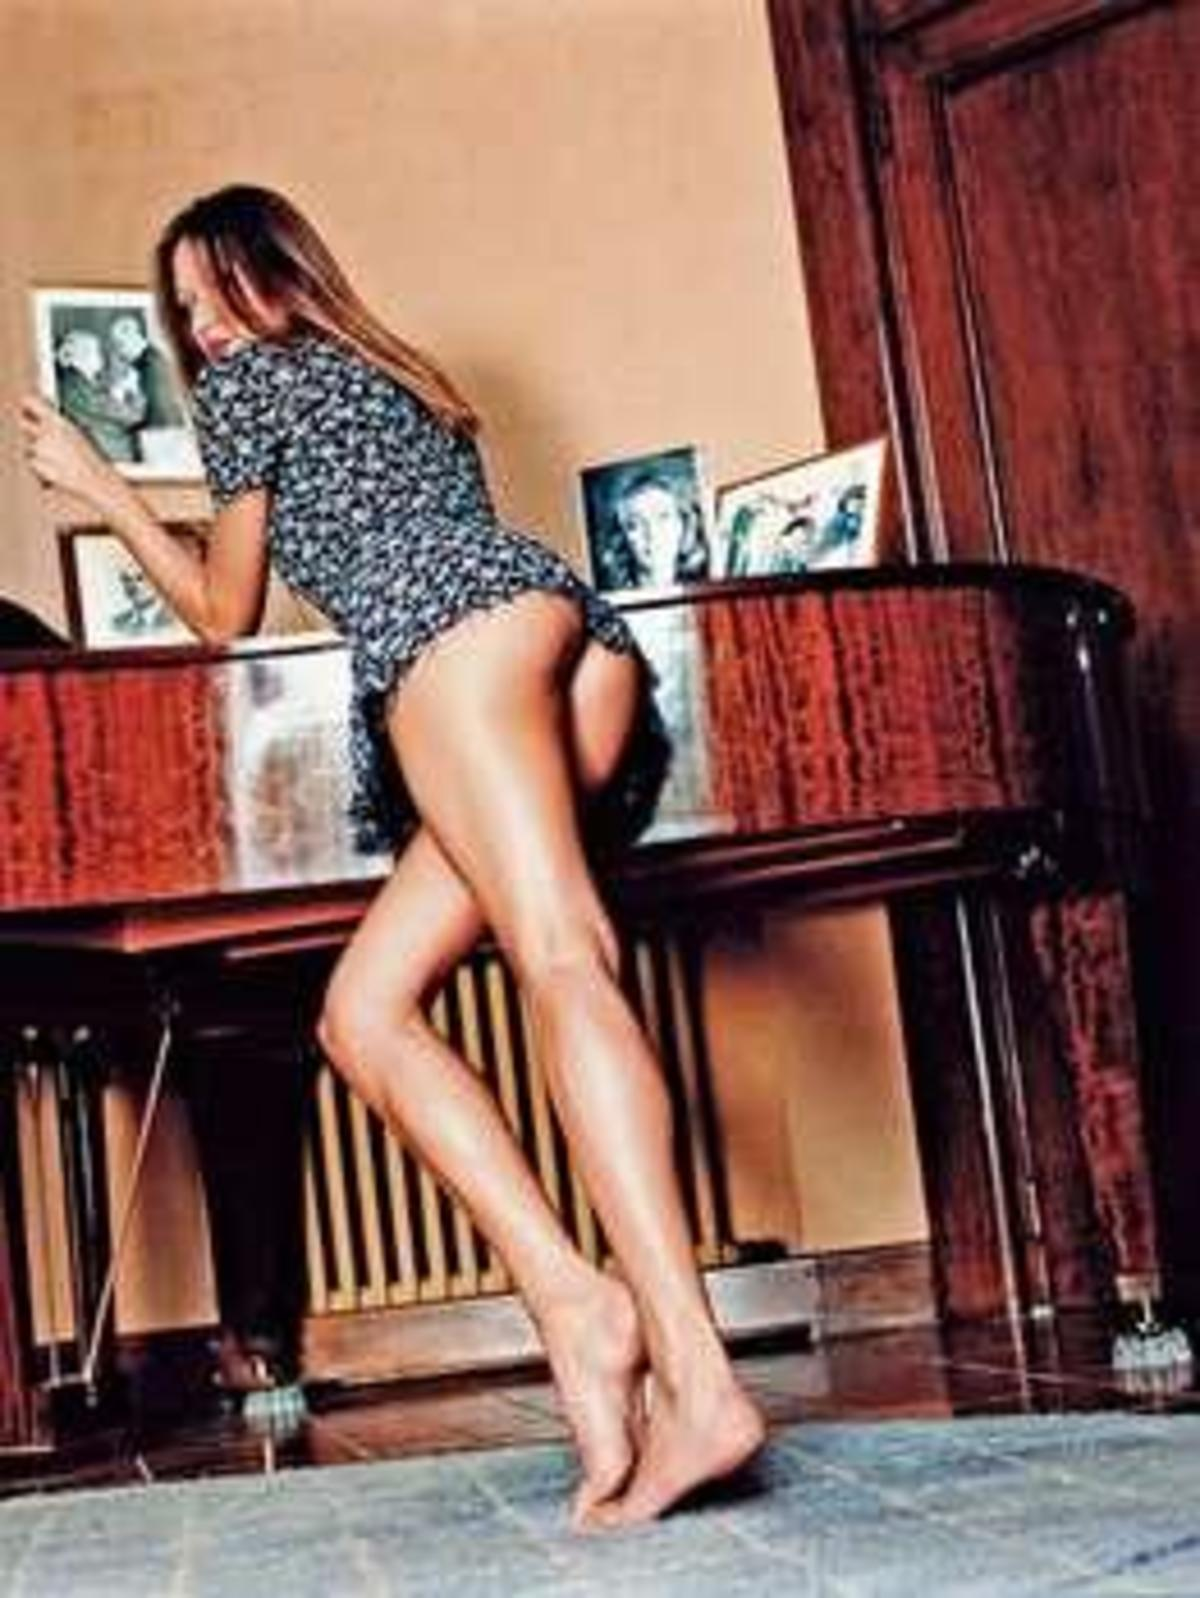 Σε δημοπρασία γυμνή φωτογραφία της Carla Bruni!   Newsit.gr